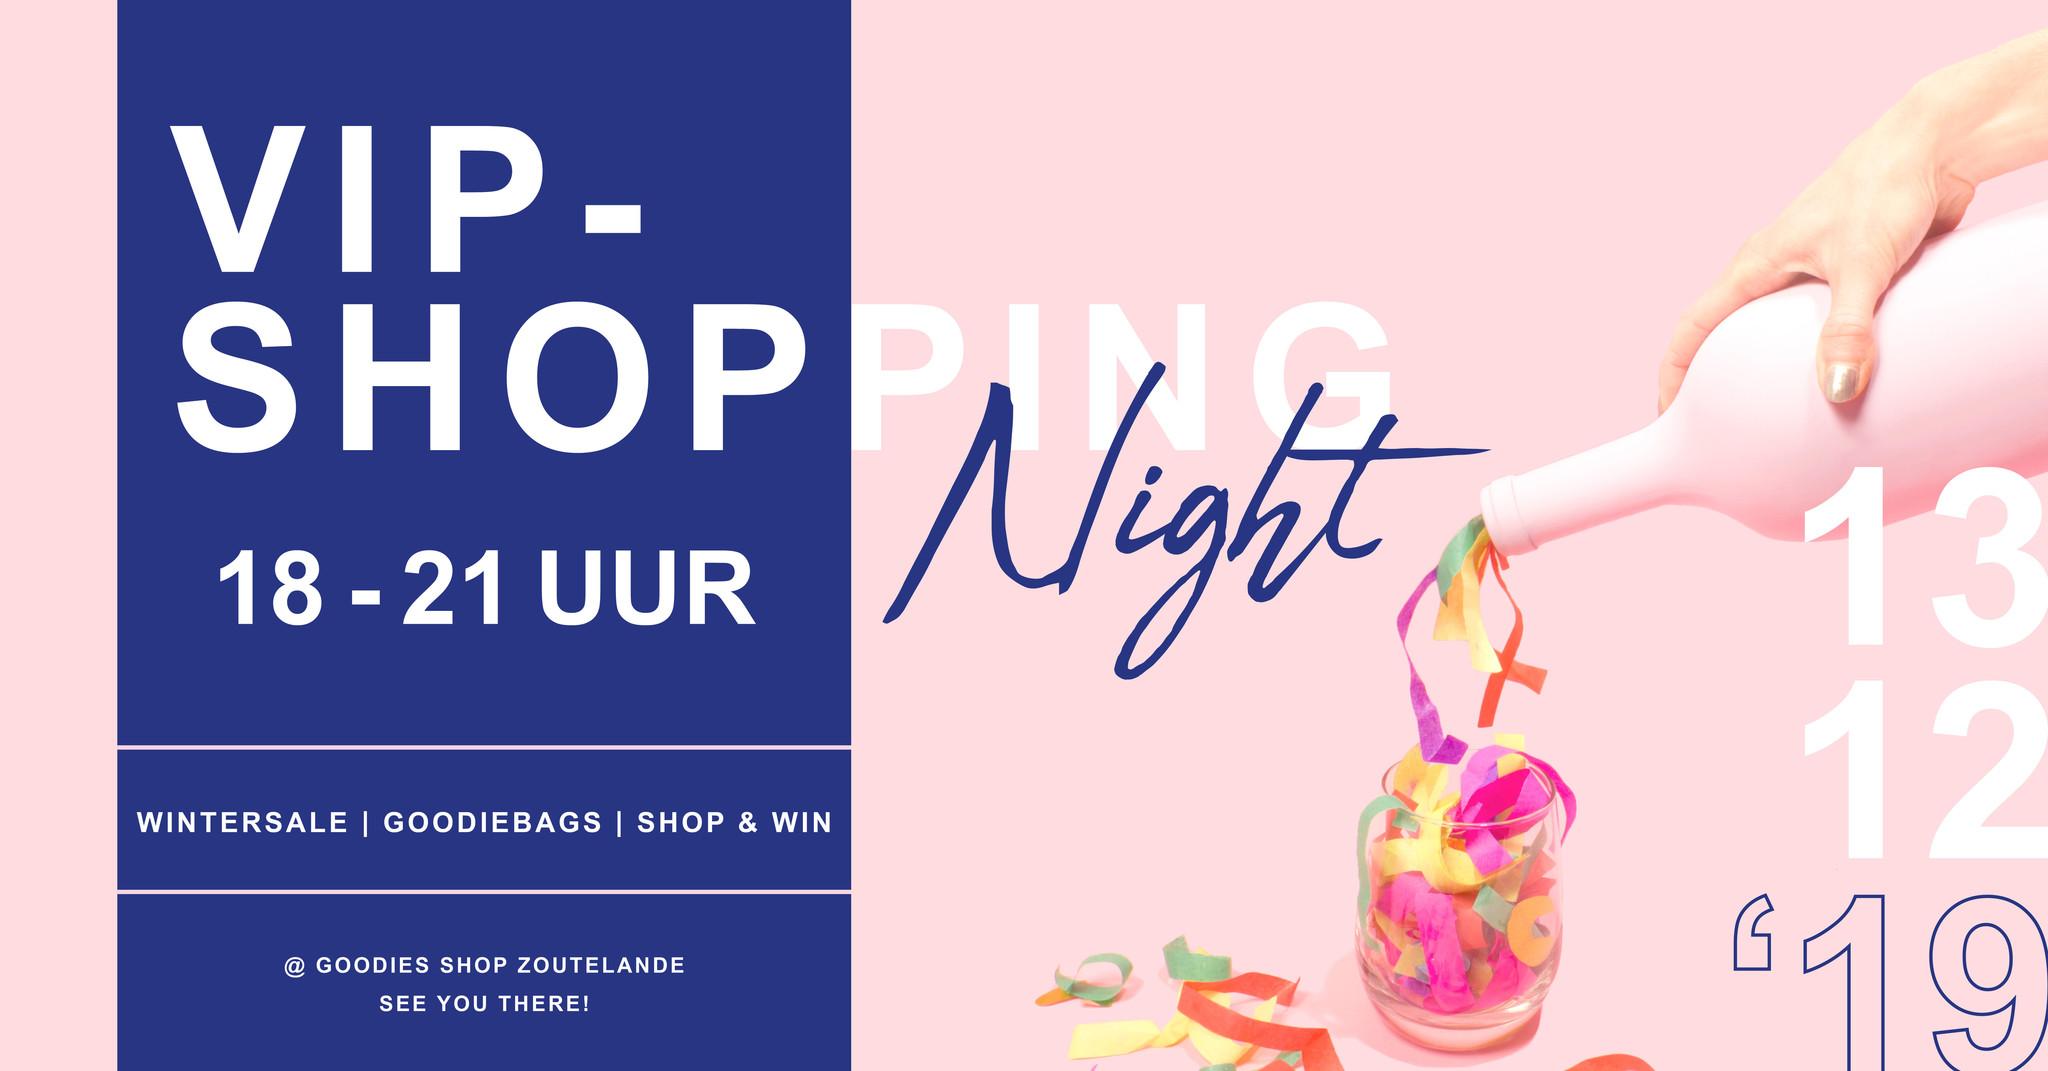 Goodies VIP night 2019